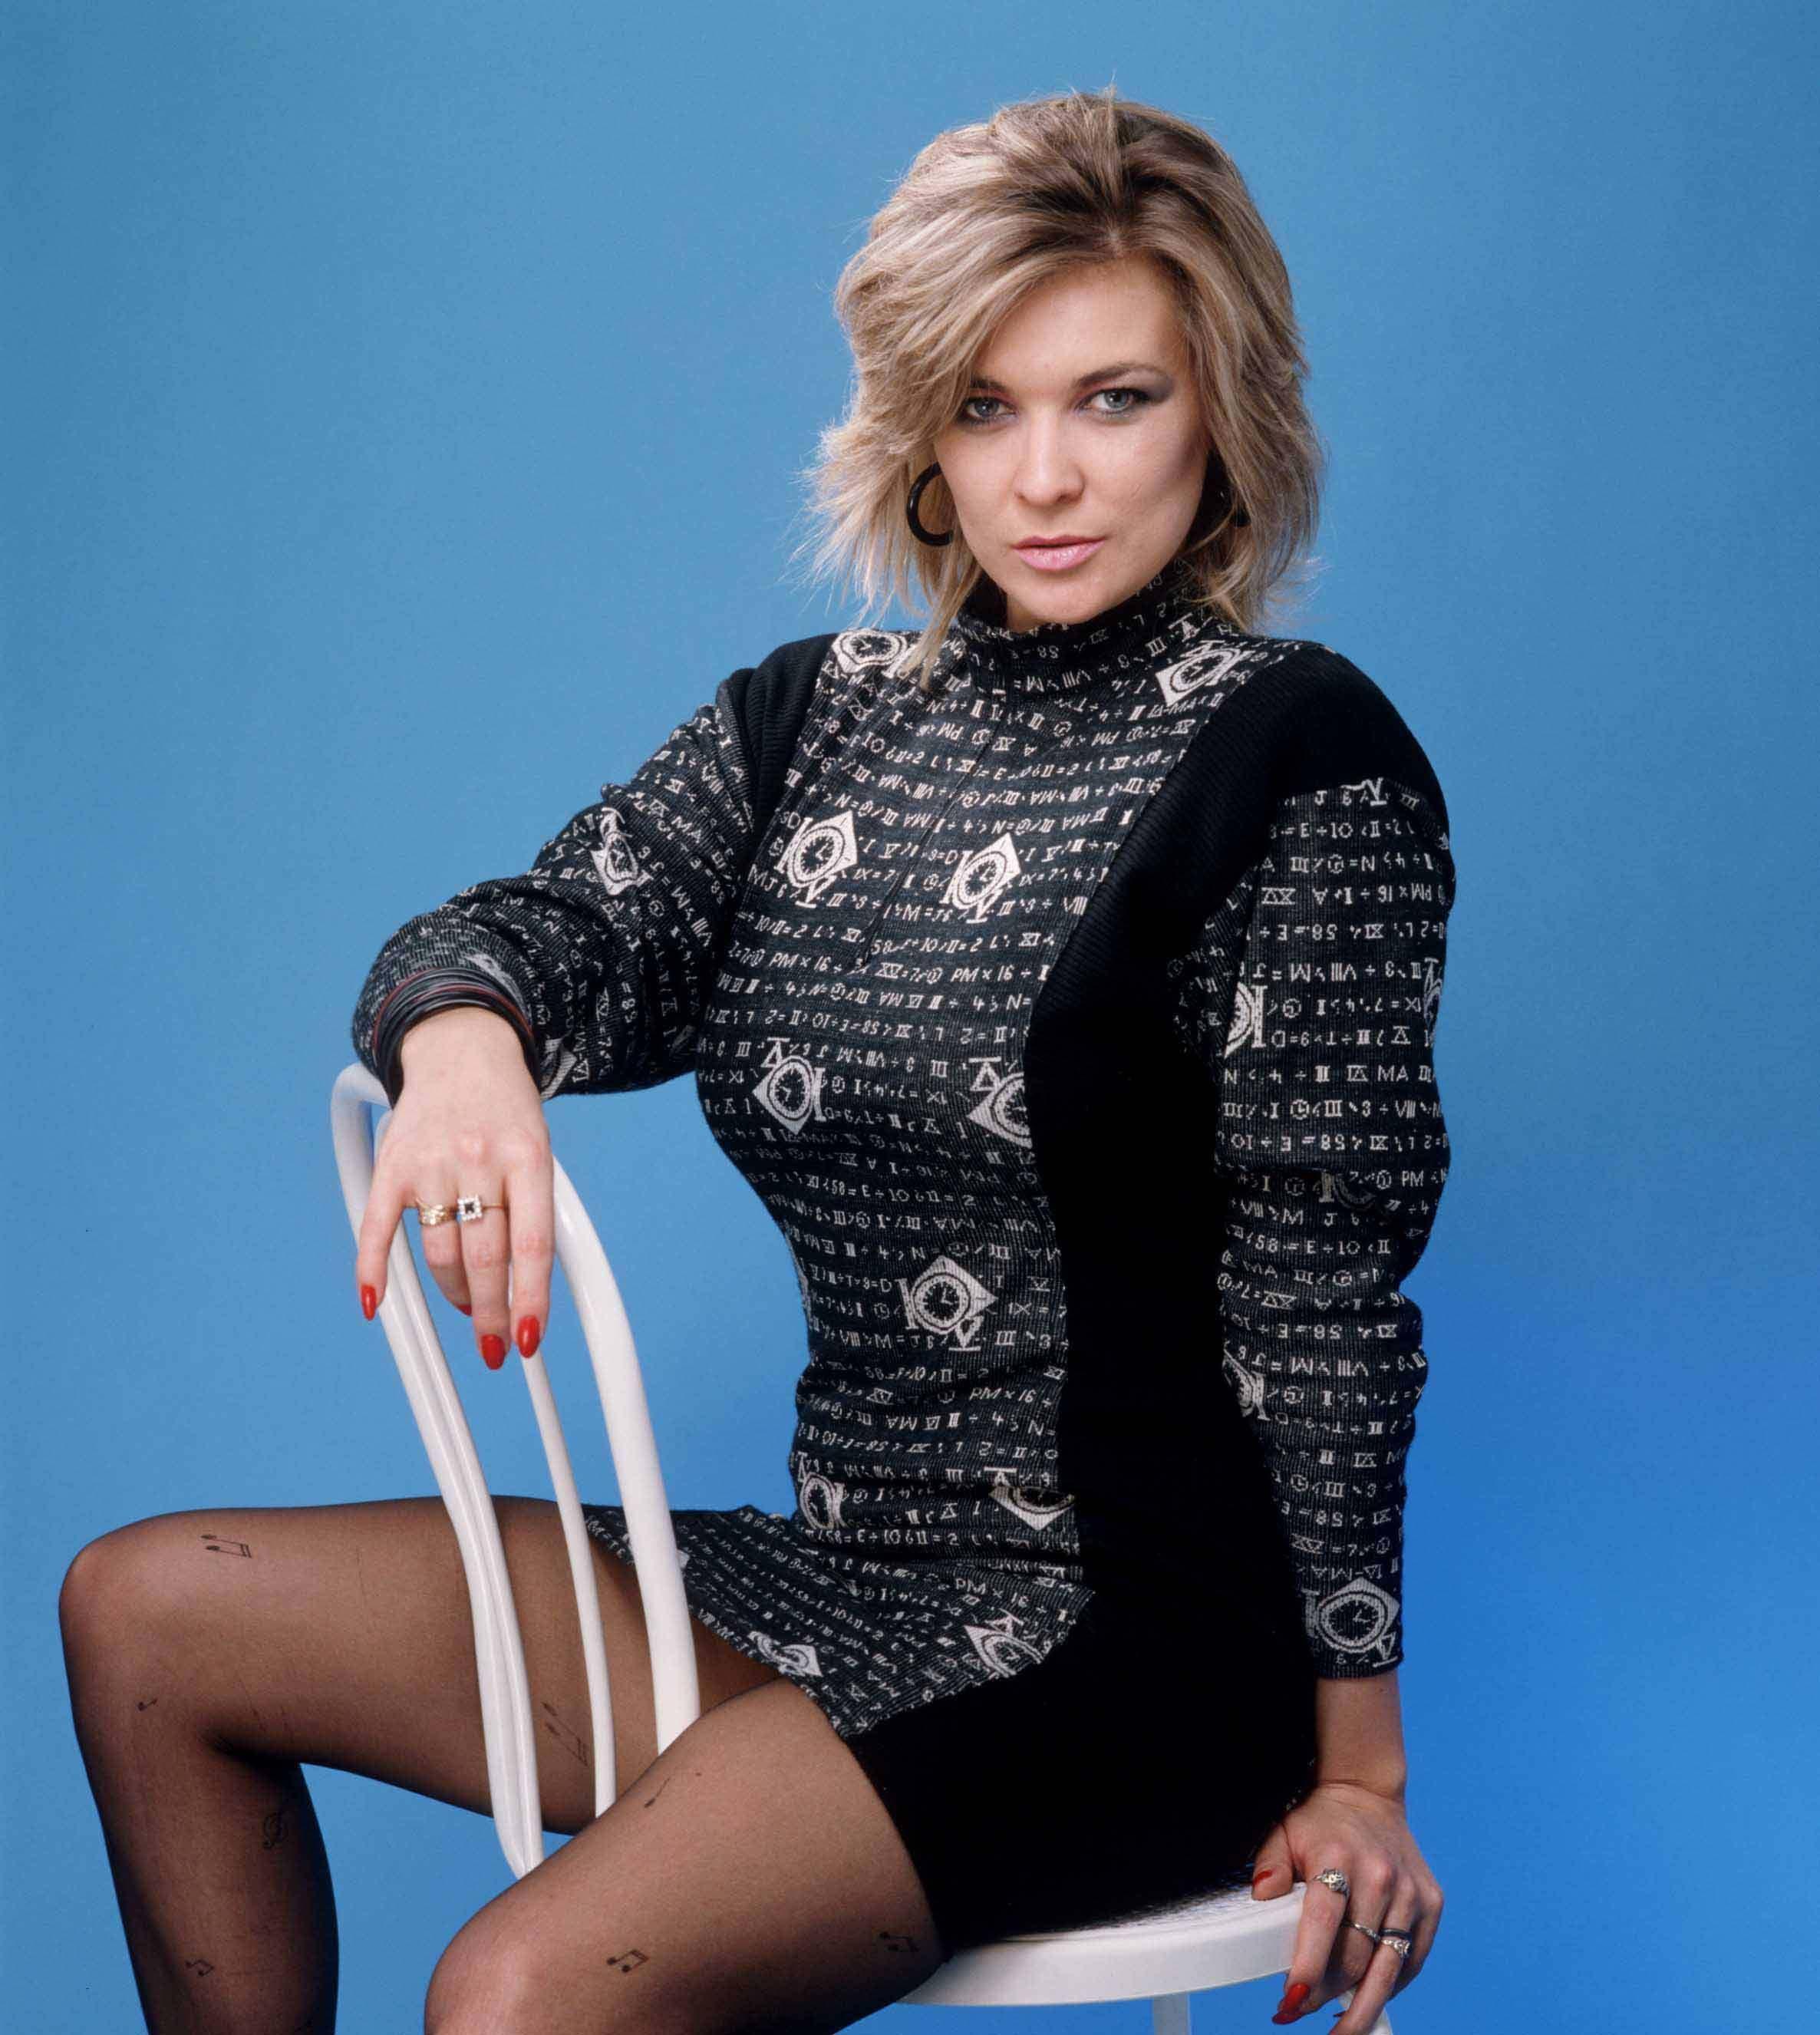 Claire King (born 1963)